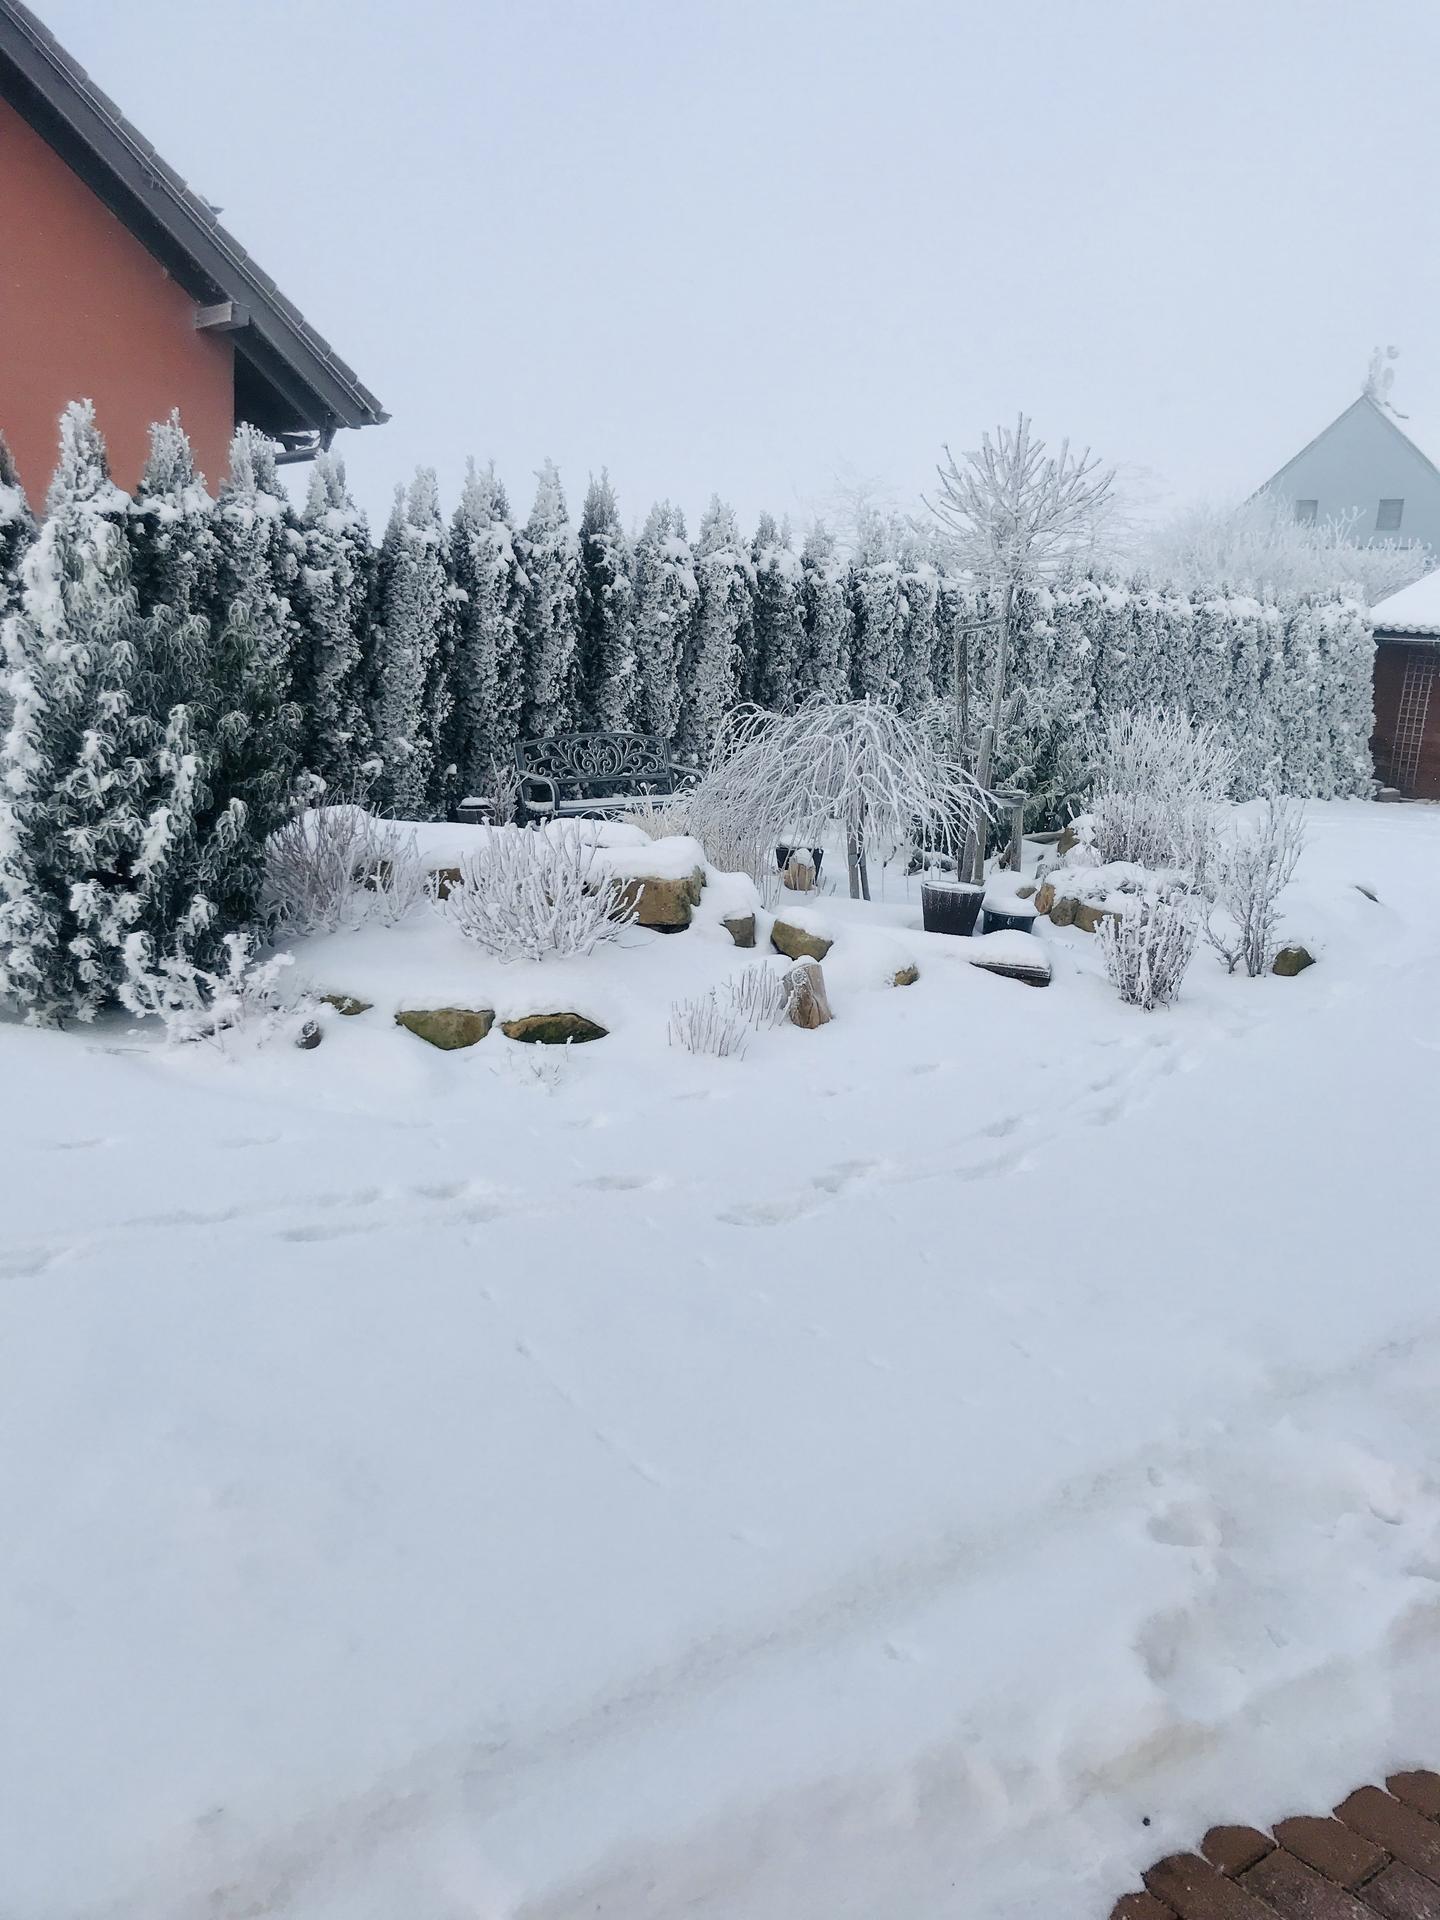 Naše barevná zahrada 🌸 - Taková krásná zima plná sněhu tu dlouho nebyla